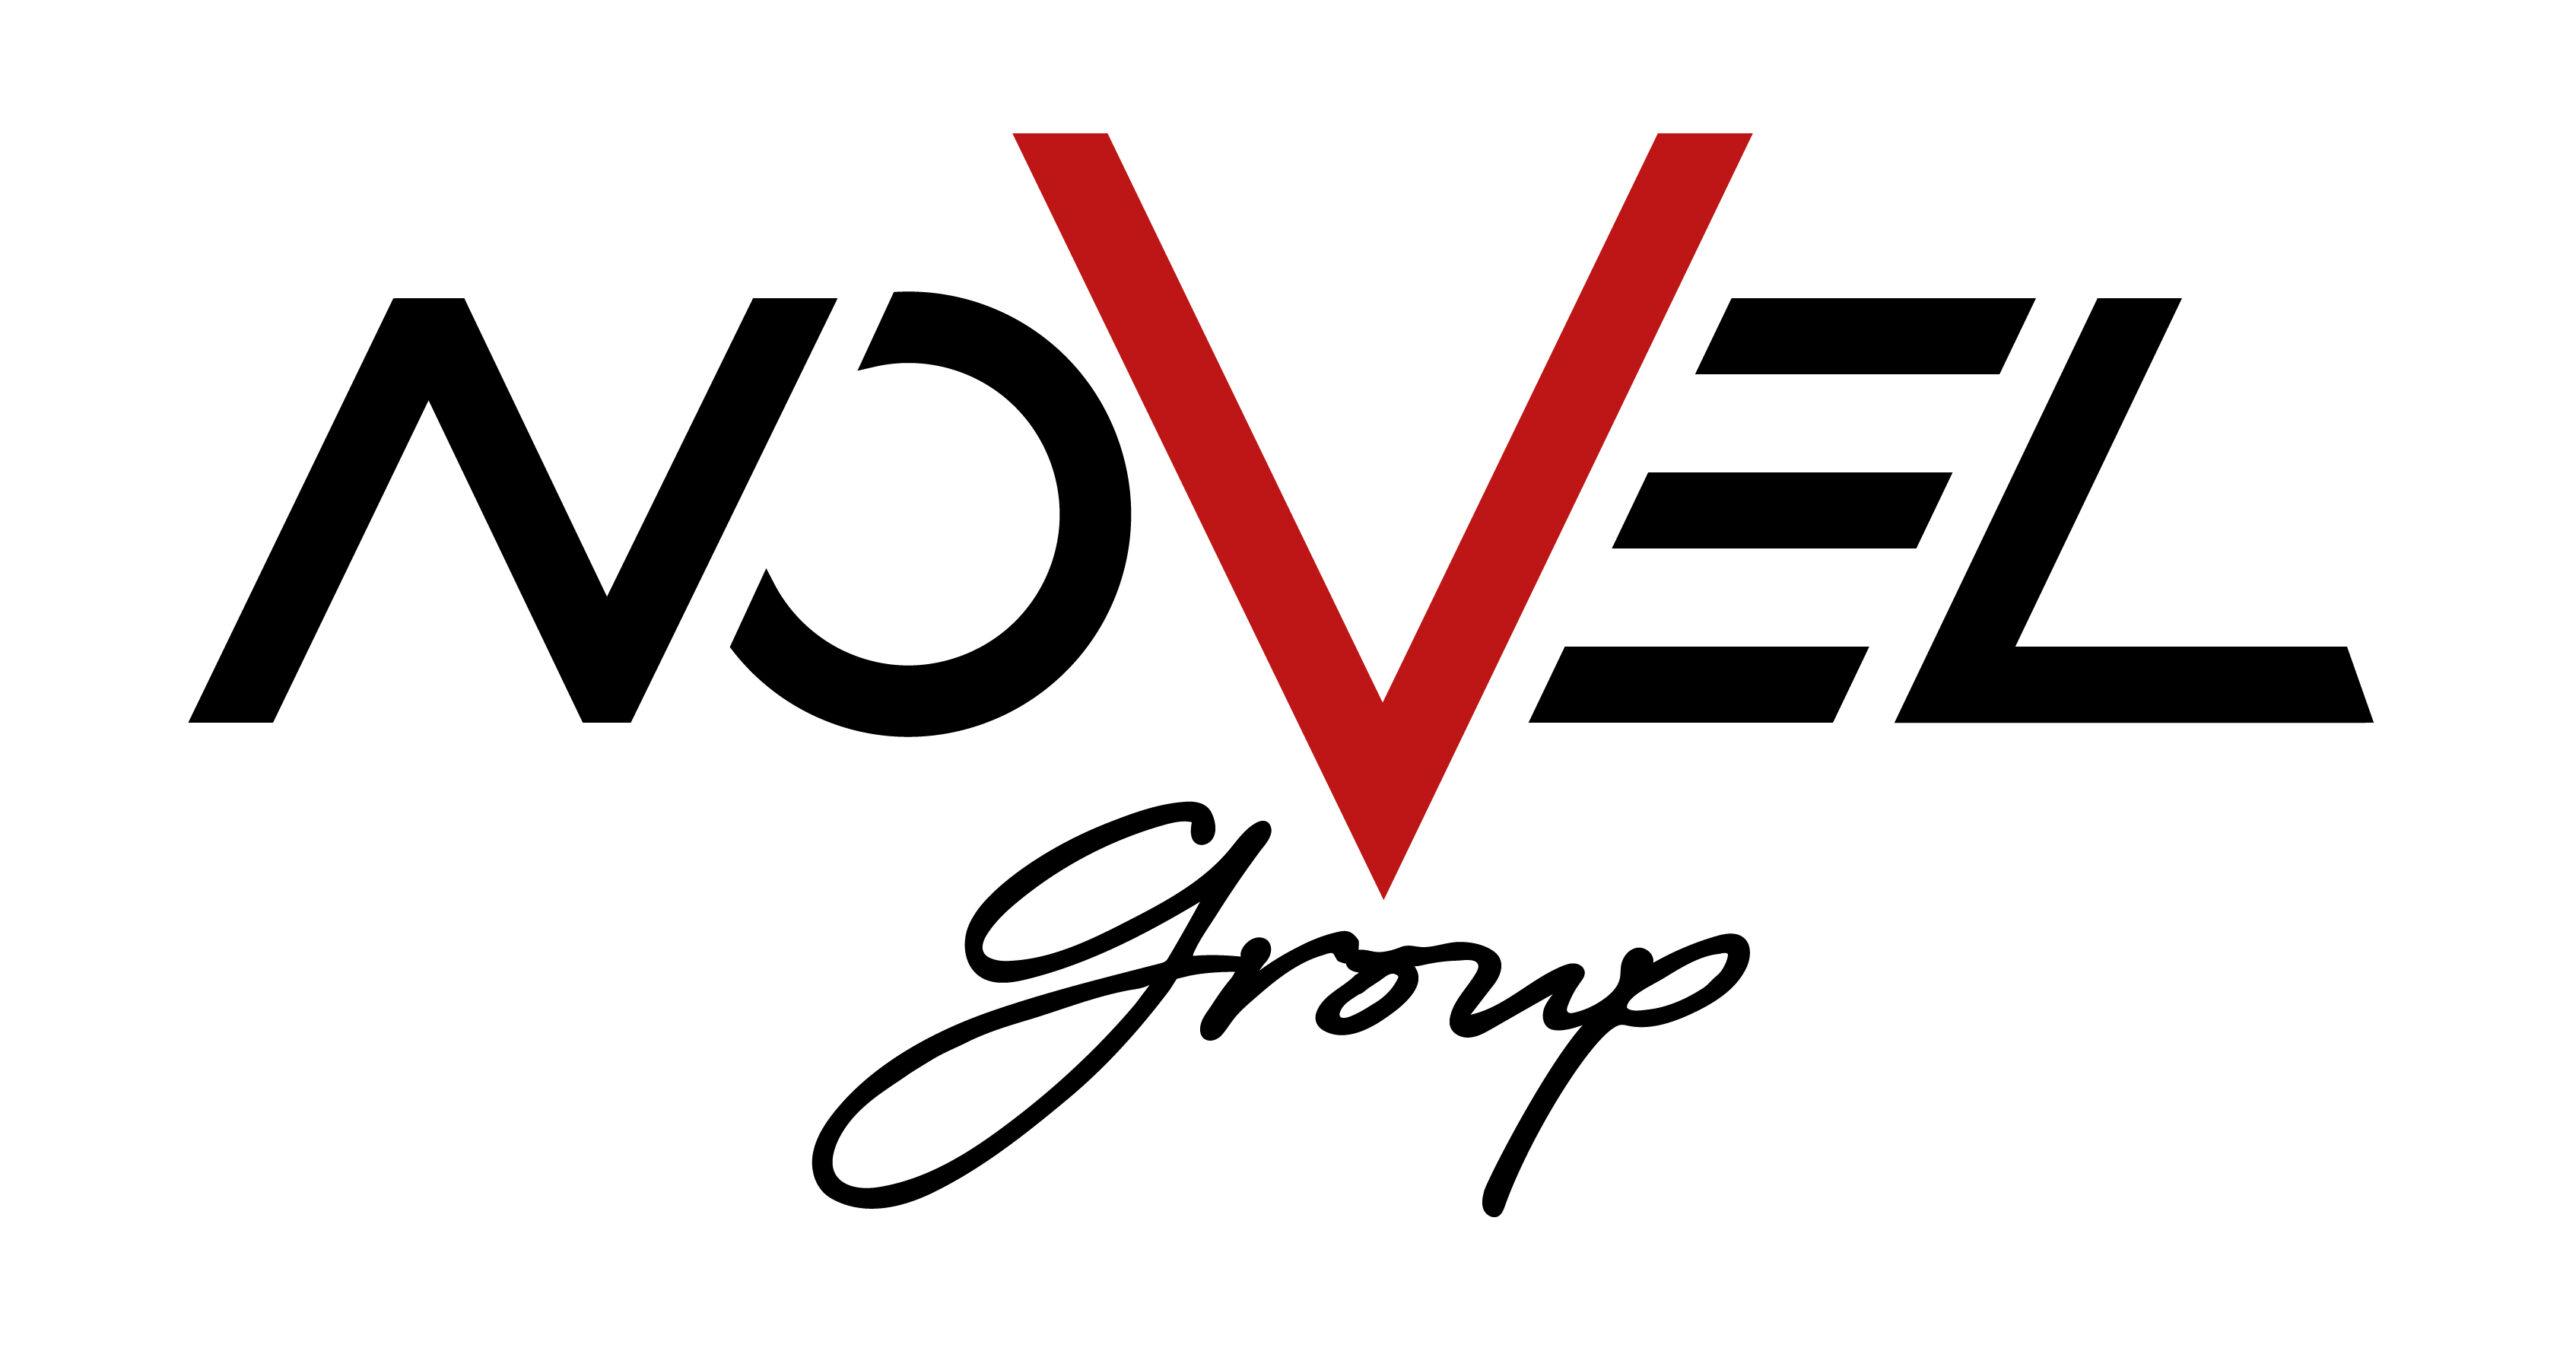 Novel Group S.à.r.l.